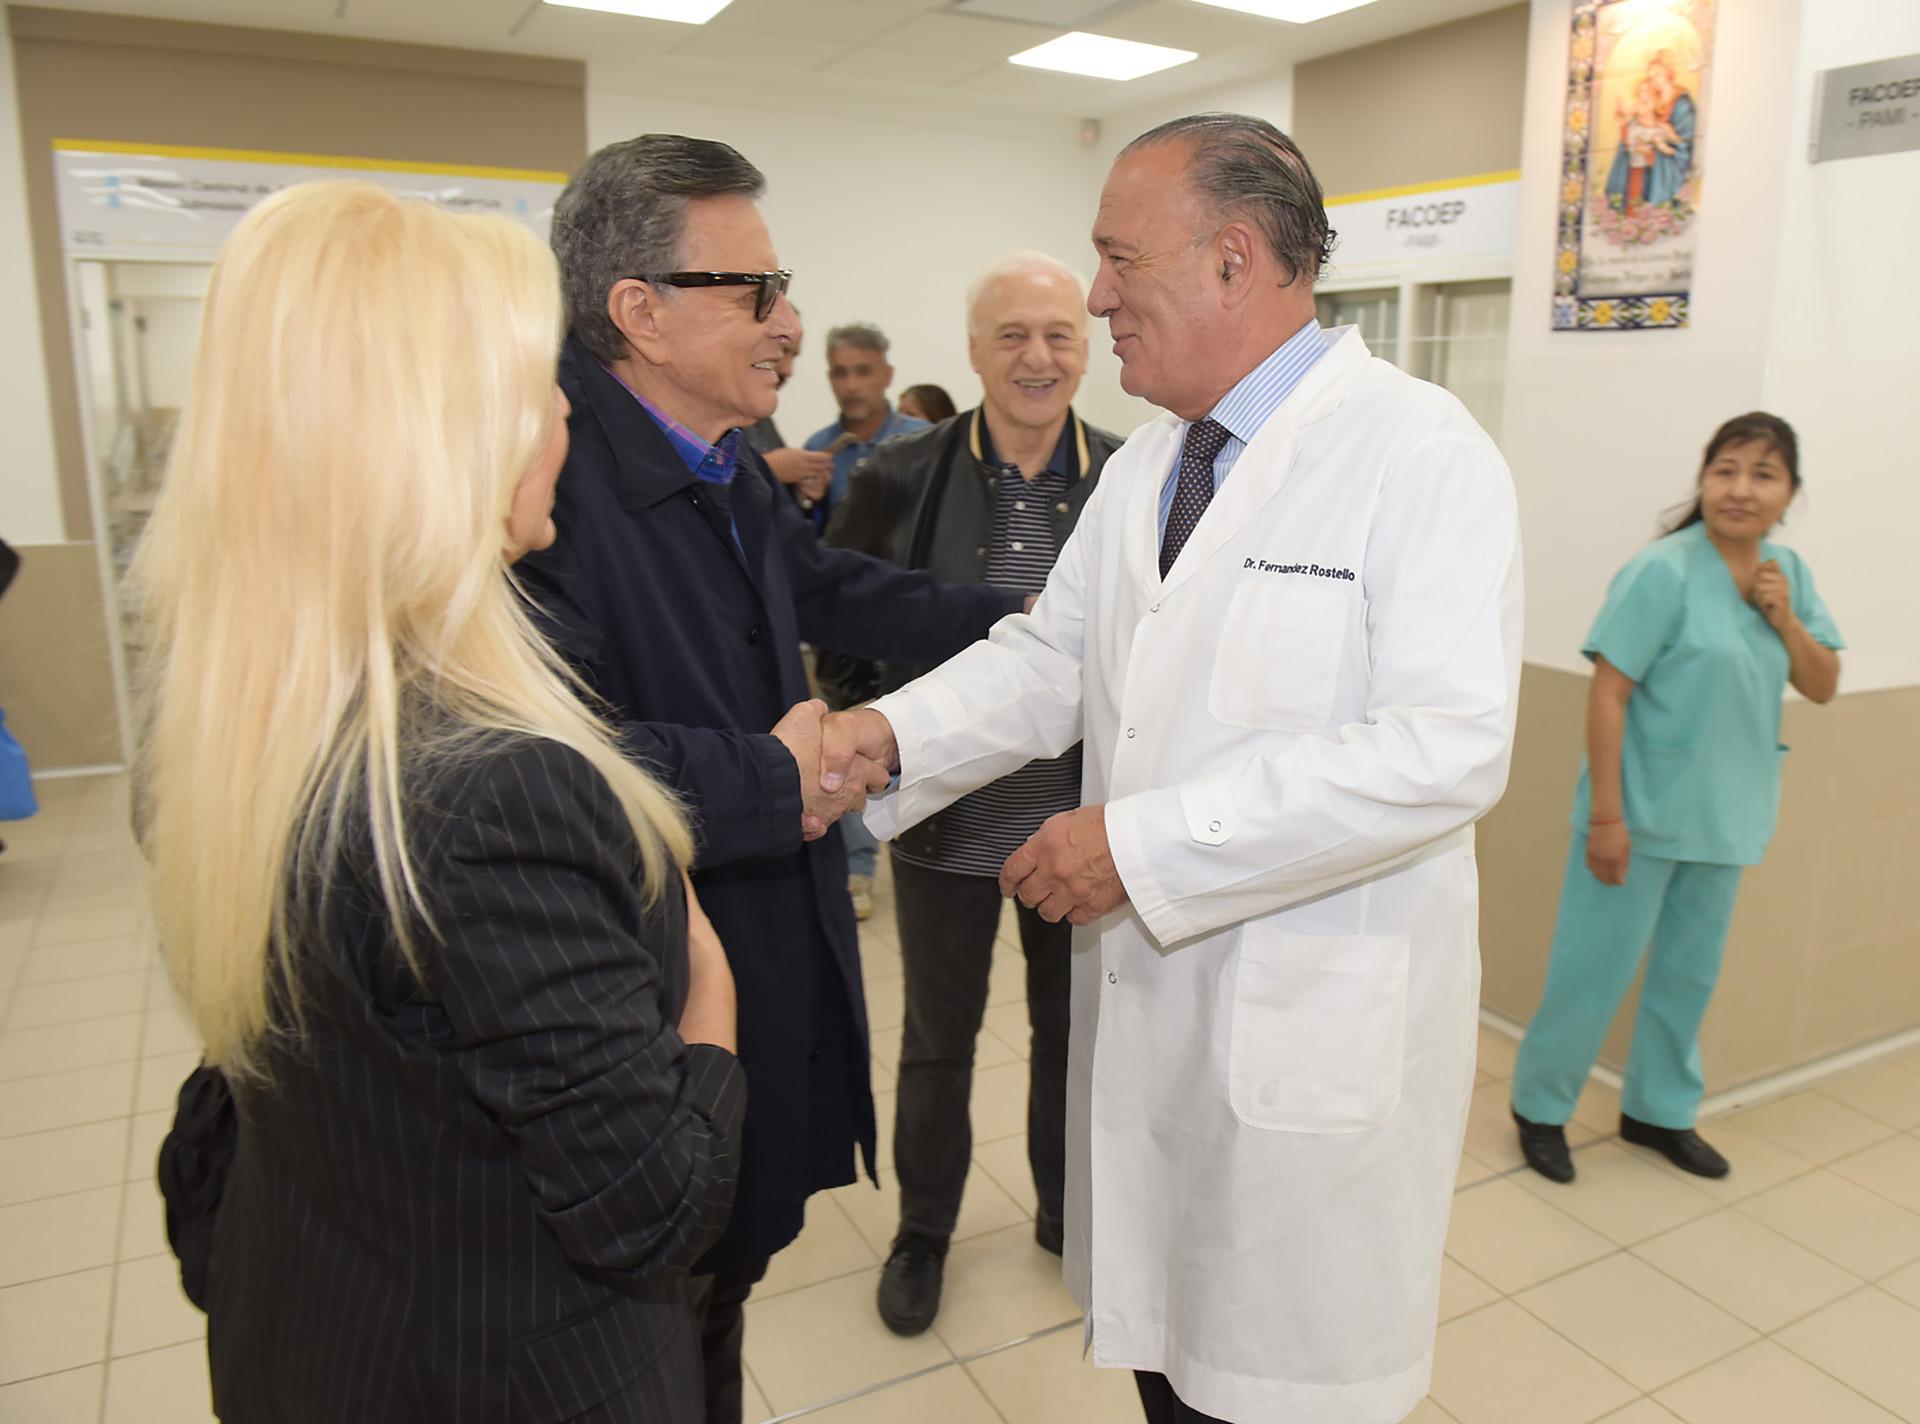 Palito Ortega también fue recibido por el director del Hospital Bernardino Rivadavia, Eduardo Fernández Rostello, y llegó en compañía de Lalo Fransen